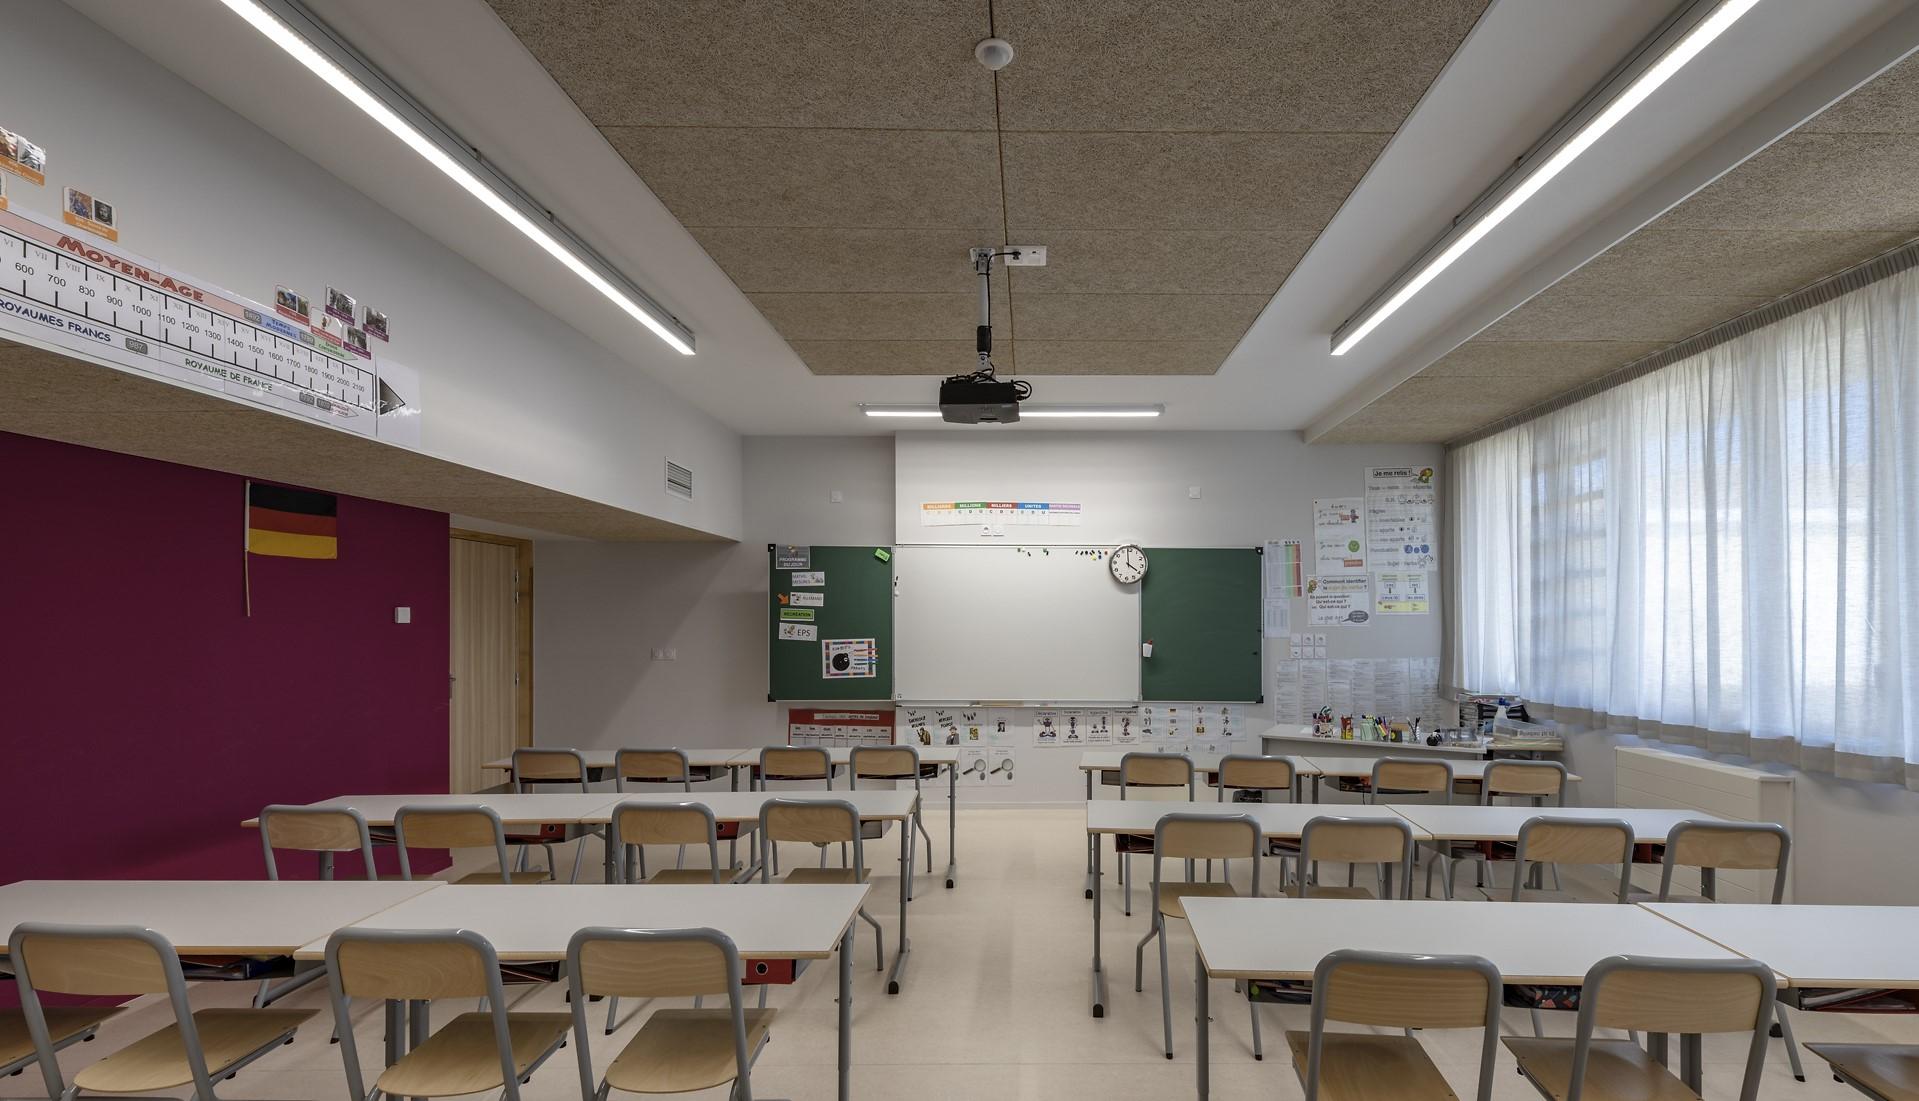 salle de classe de l'école Simone Veil